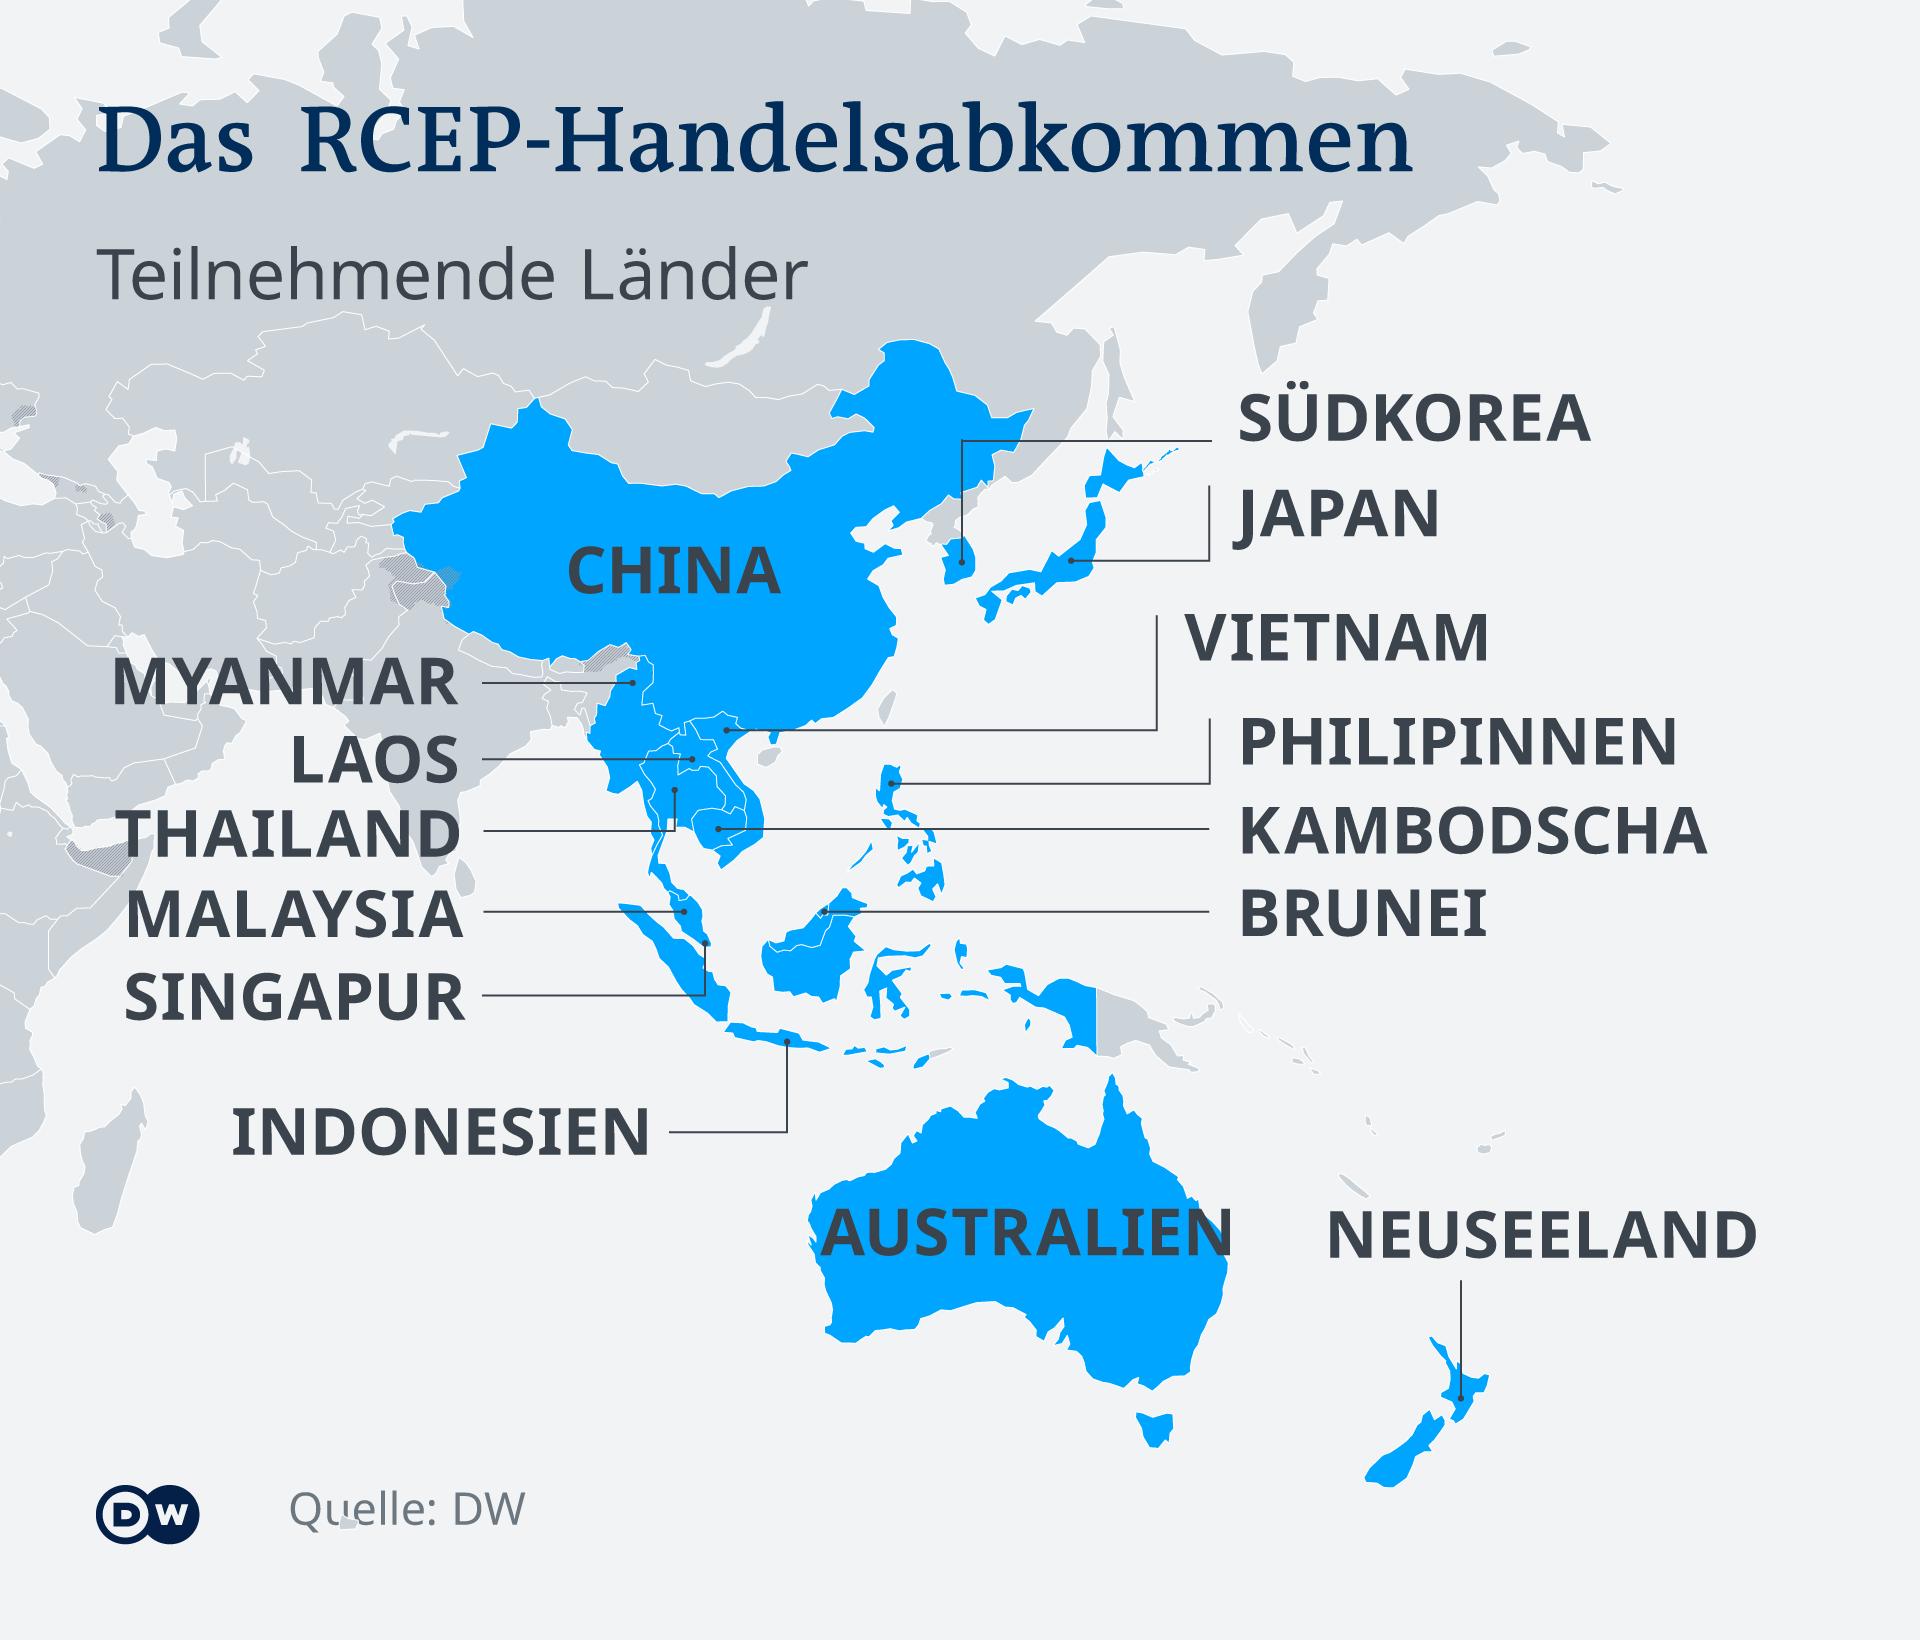 Οι χώρες που συμμετέχουν στη νέα εμπορική ζώνη